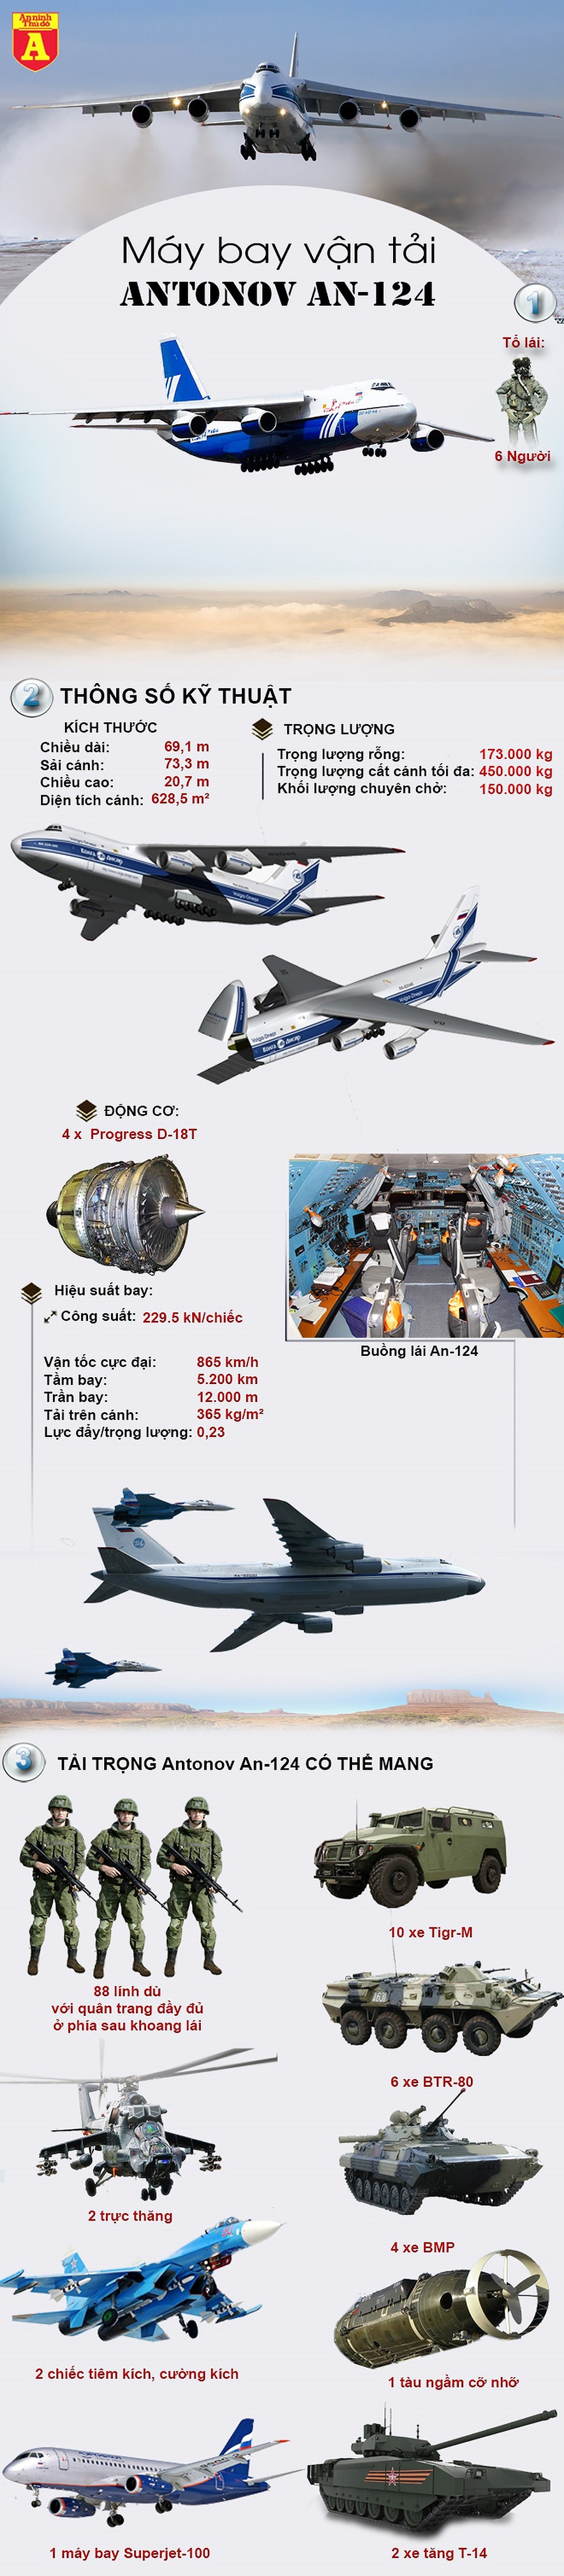 [Infographics] Chiến trường căng thẳng, Nga phái hai vận tải cơ khổng lồ chở vũ khí sang Syria? - Ảnh 1